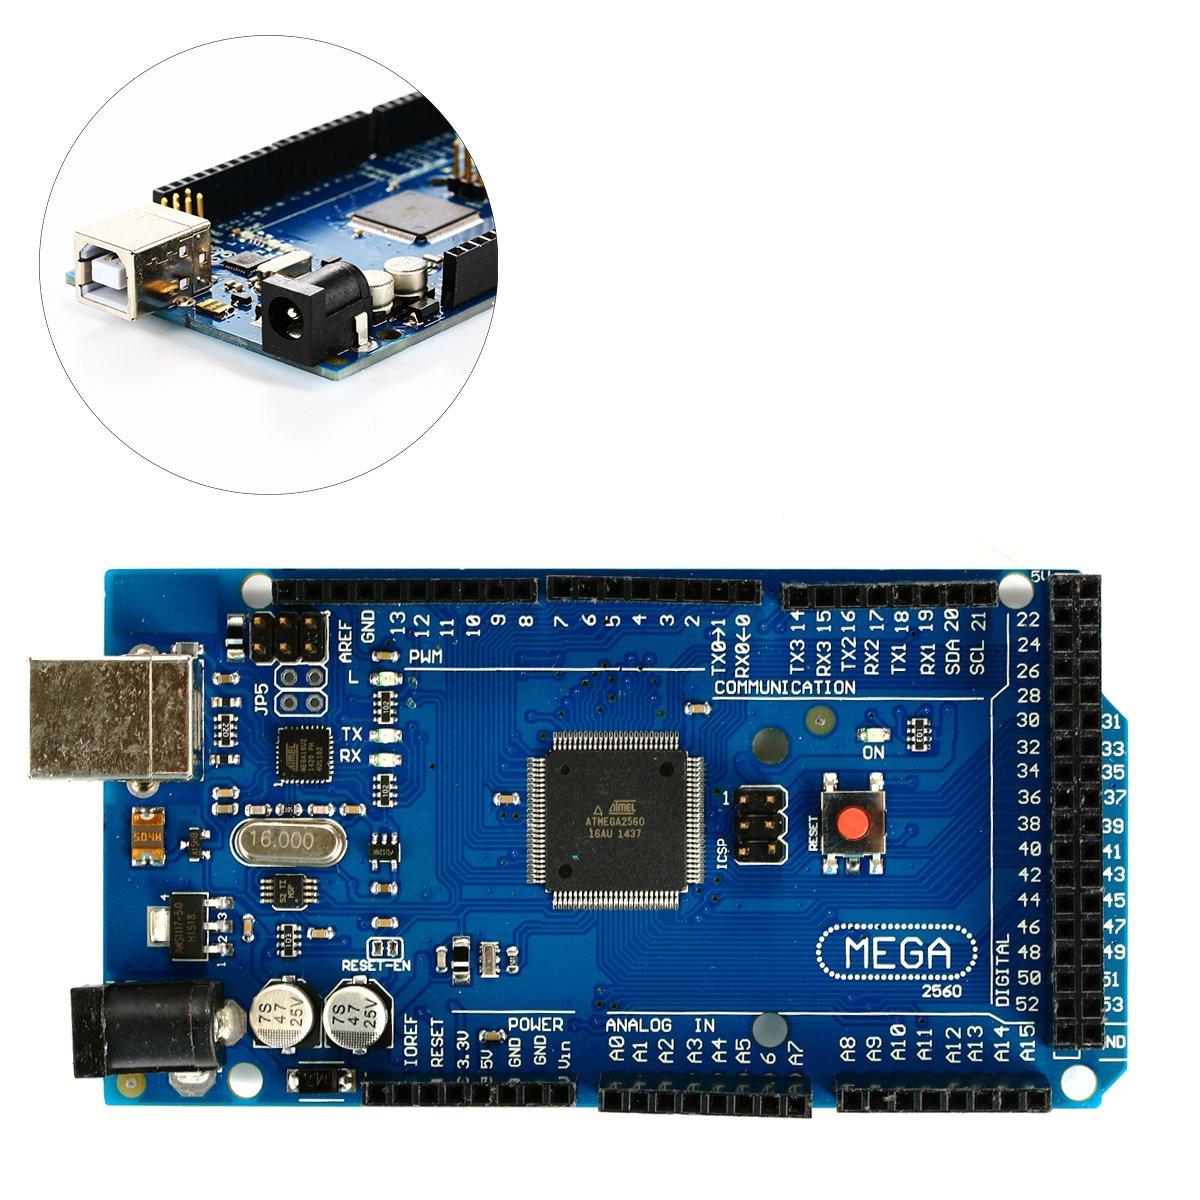 XCSOURCE Rampas 1.4+ A4988 + Mega2560 R3 + LCD 12864 Kit de controlador de la impresora 3D RepRap TE377: Amazon.es: Electrónica